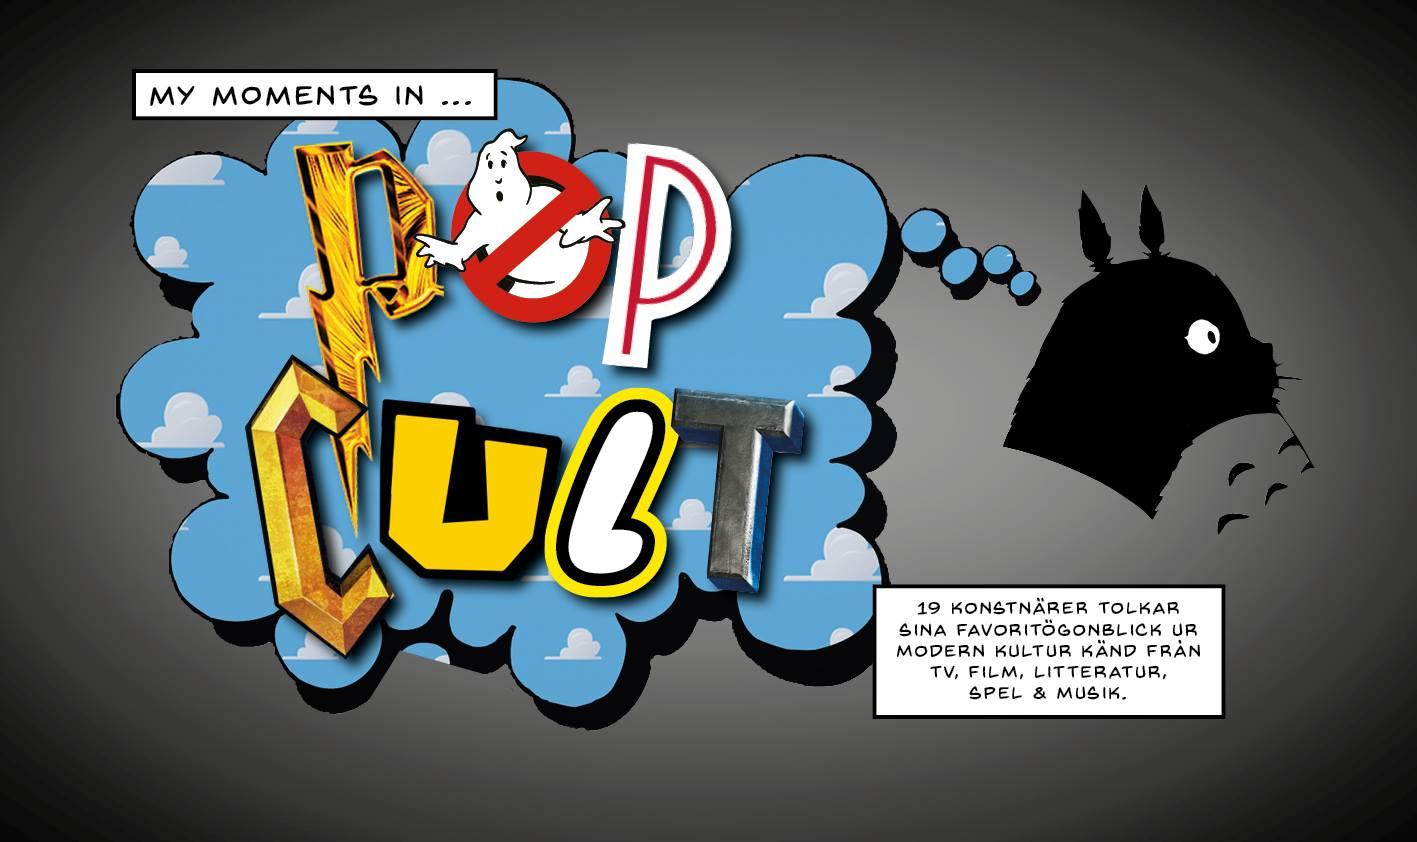 Utställningen My Moments In Pop Cult